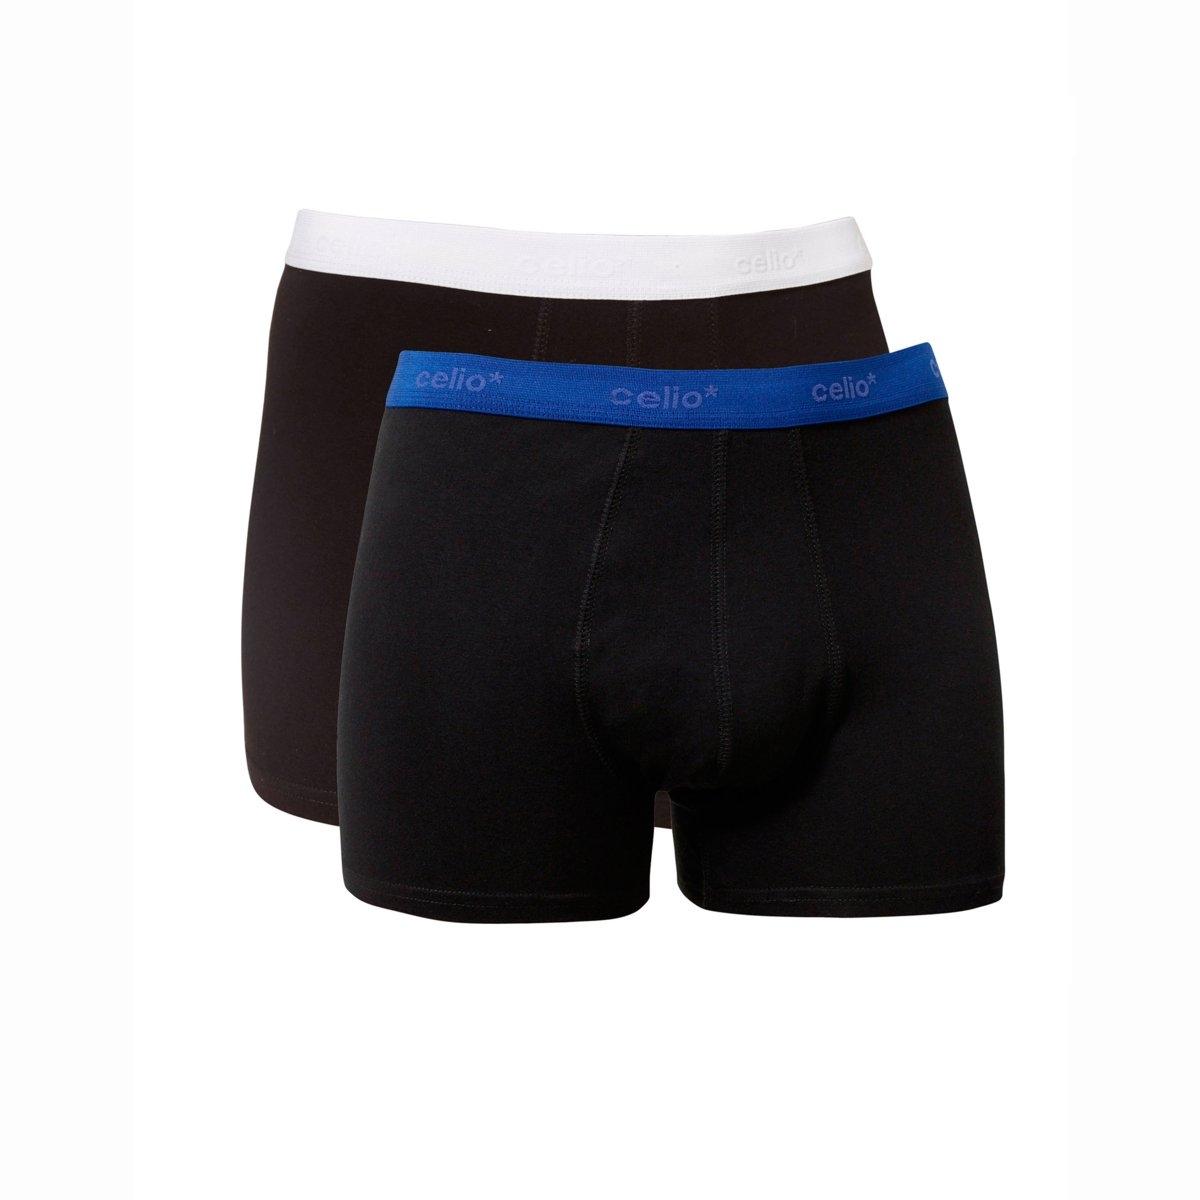 Трусы-боксеры NICELIO2, мужские95% хлопка, 5% эластана. Контрастный эластичный пояс. Два цвета : антрацит и синий.    Машинная стирка при 30 °C. Комплект из 2 трусов-боксеров.<br><br>Цвет: синий,черный + черный<br>Размер: L.L.XL